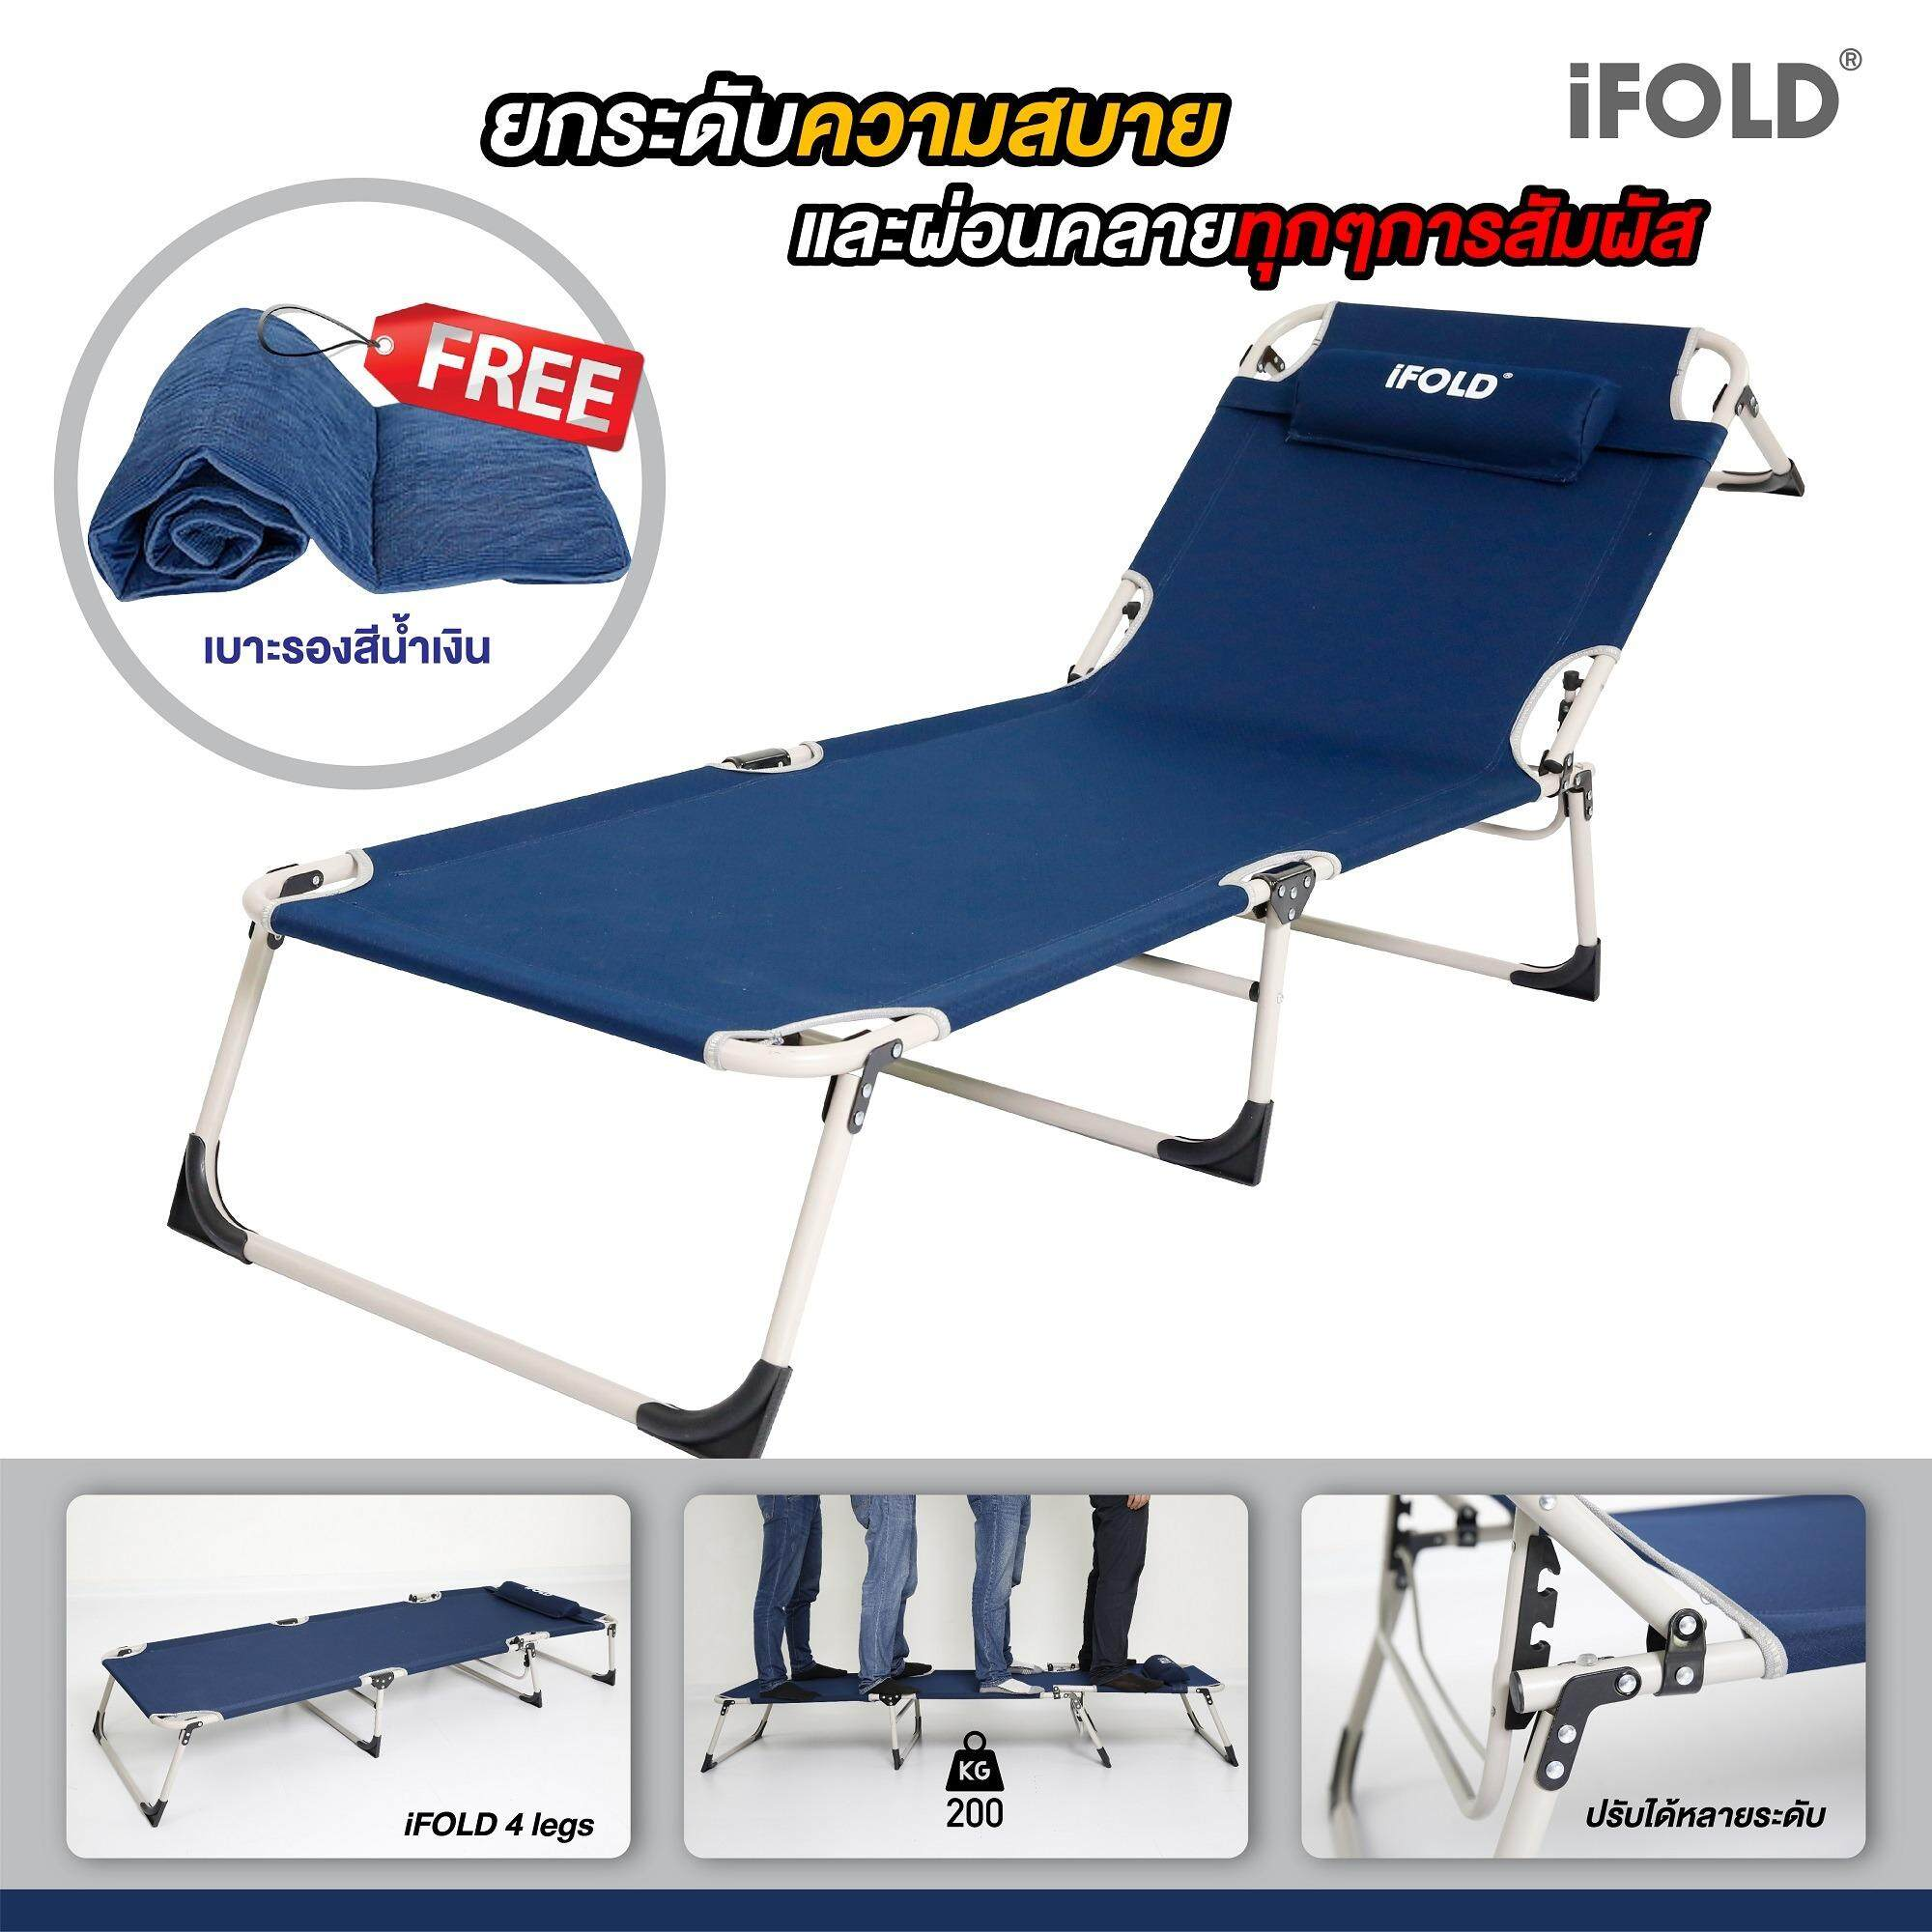 ราคา Ifold 4 Legs Blue เตียงสนามแบบพับได้ สีน้ำเงิน แถมเบาะรองนอนสีน้ำเงิน Sivili สมุทรปราการ